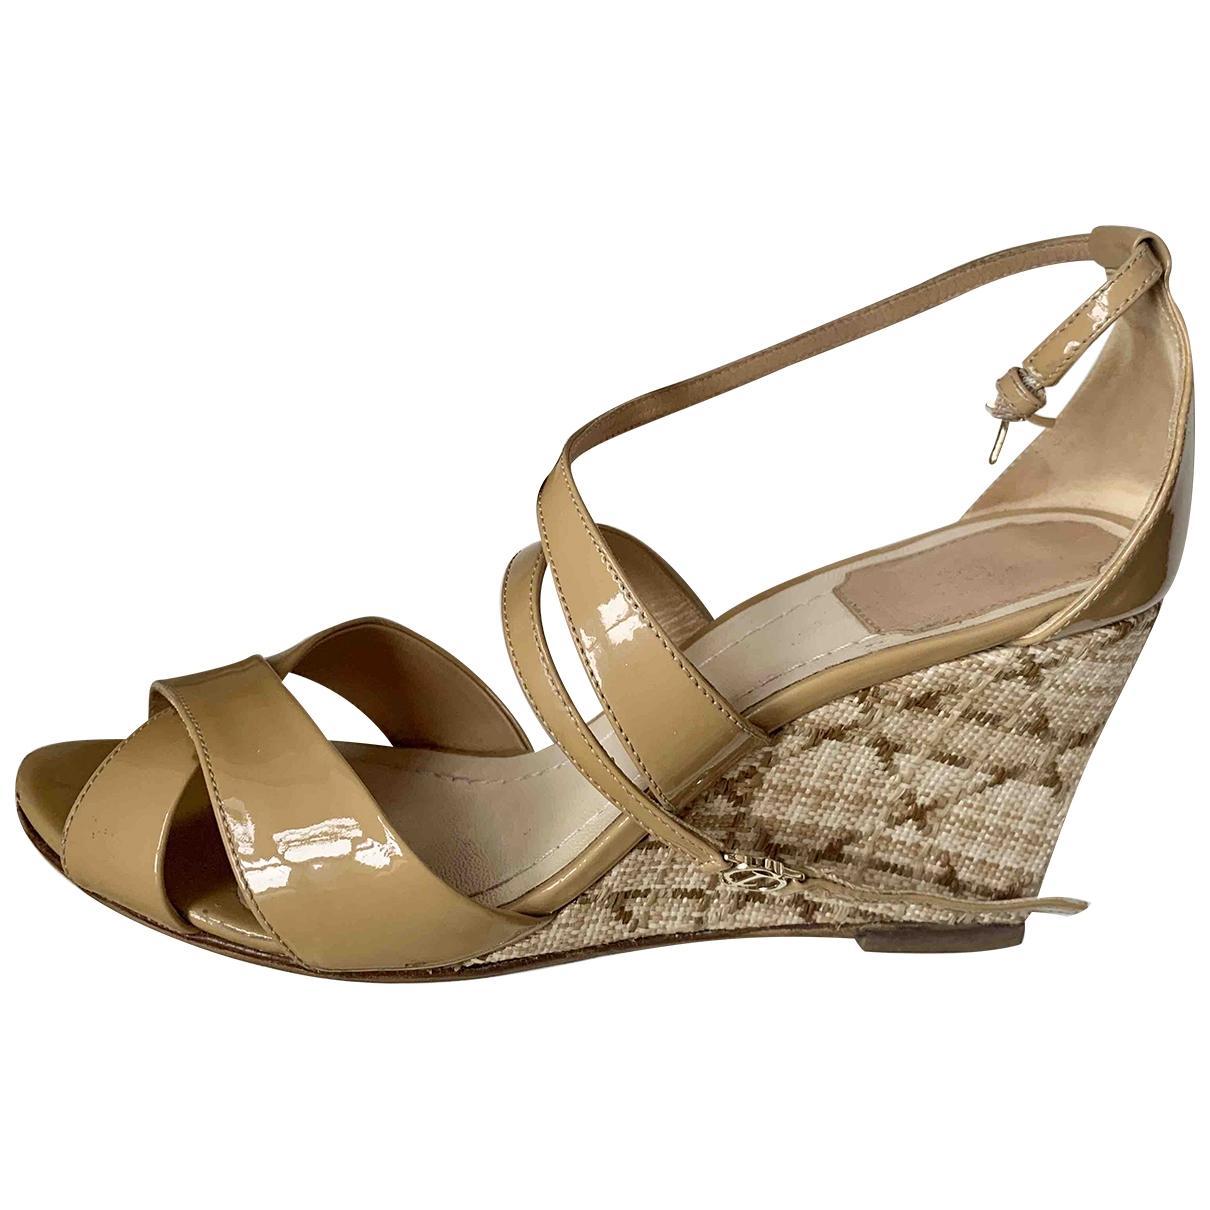 Sandalias romanas de Charol Dior